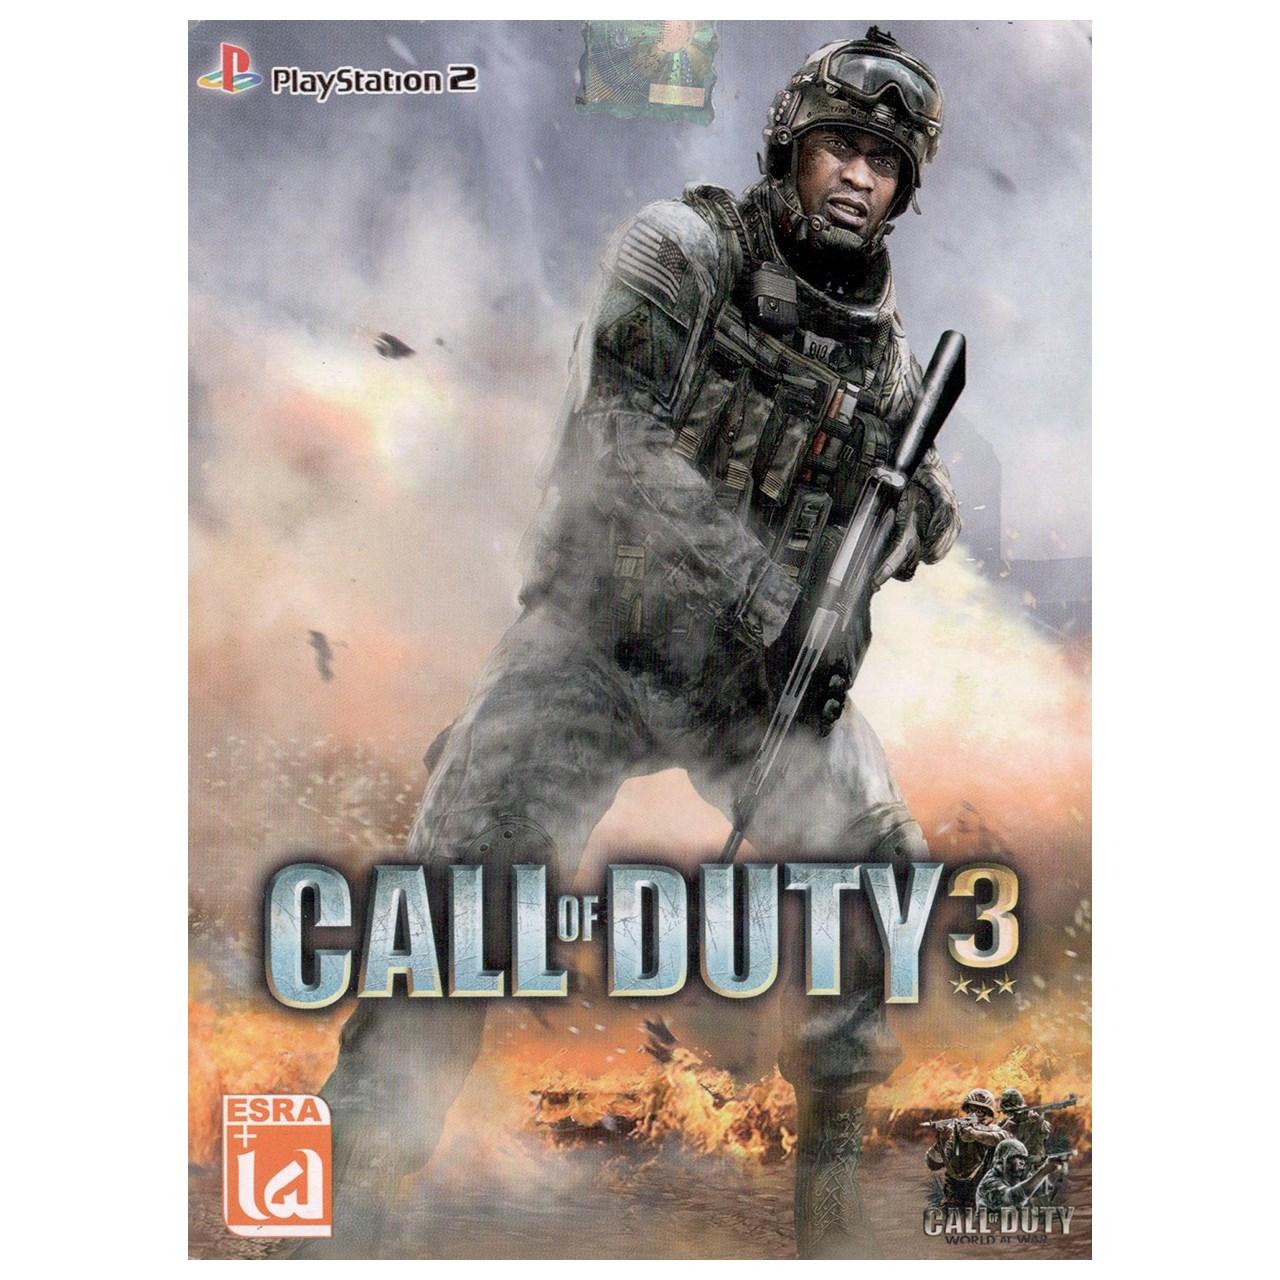 بازی Call of duty 3 مخصوص پلی استیشن ۲